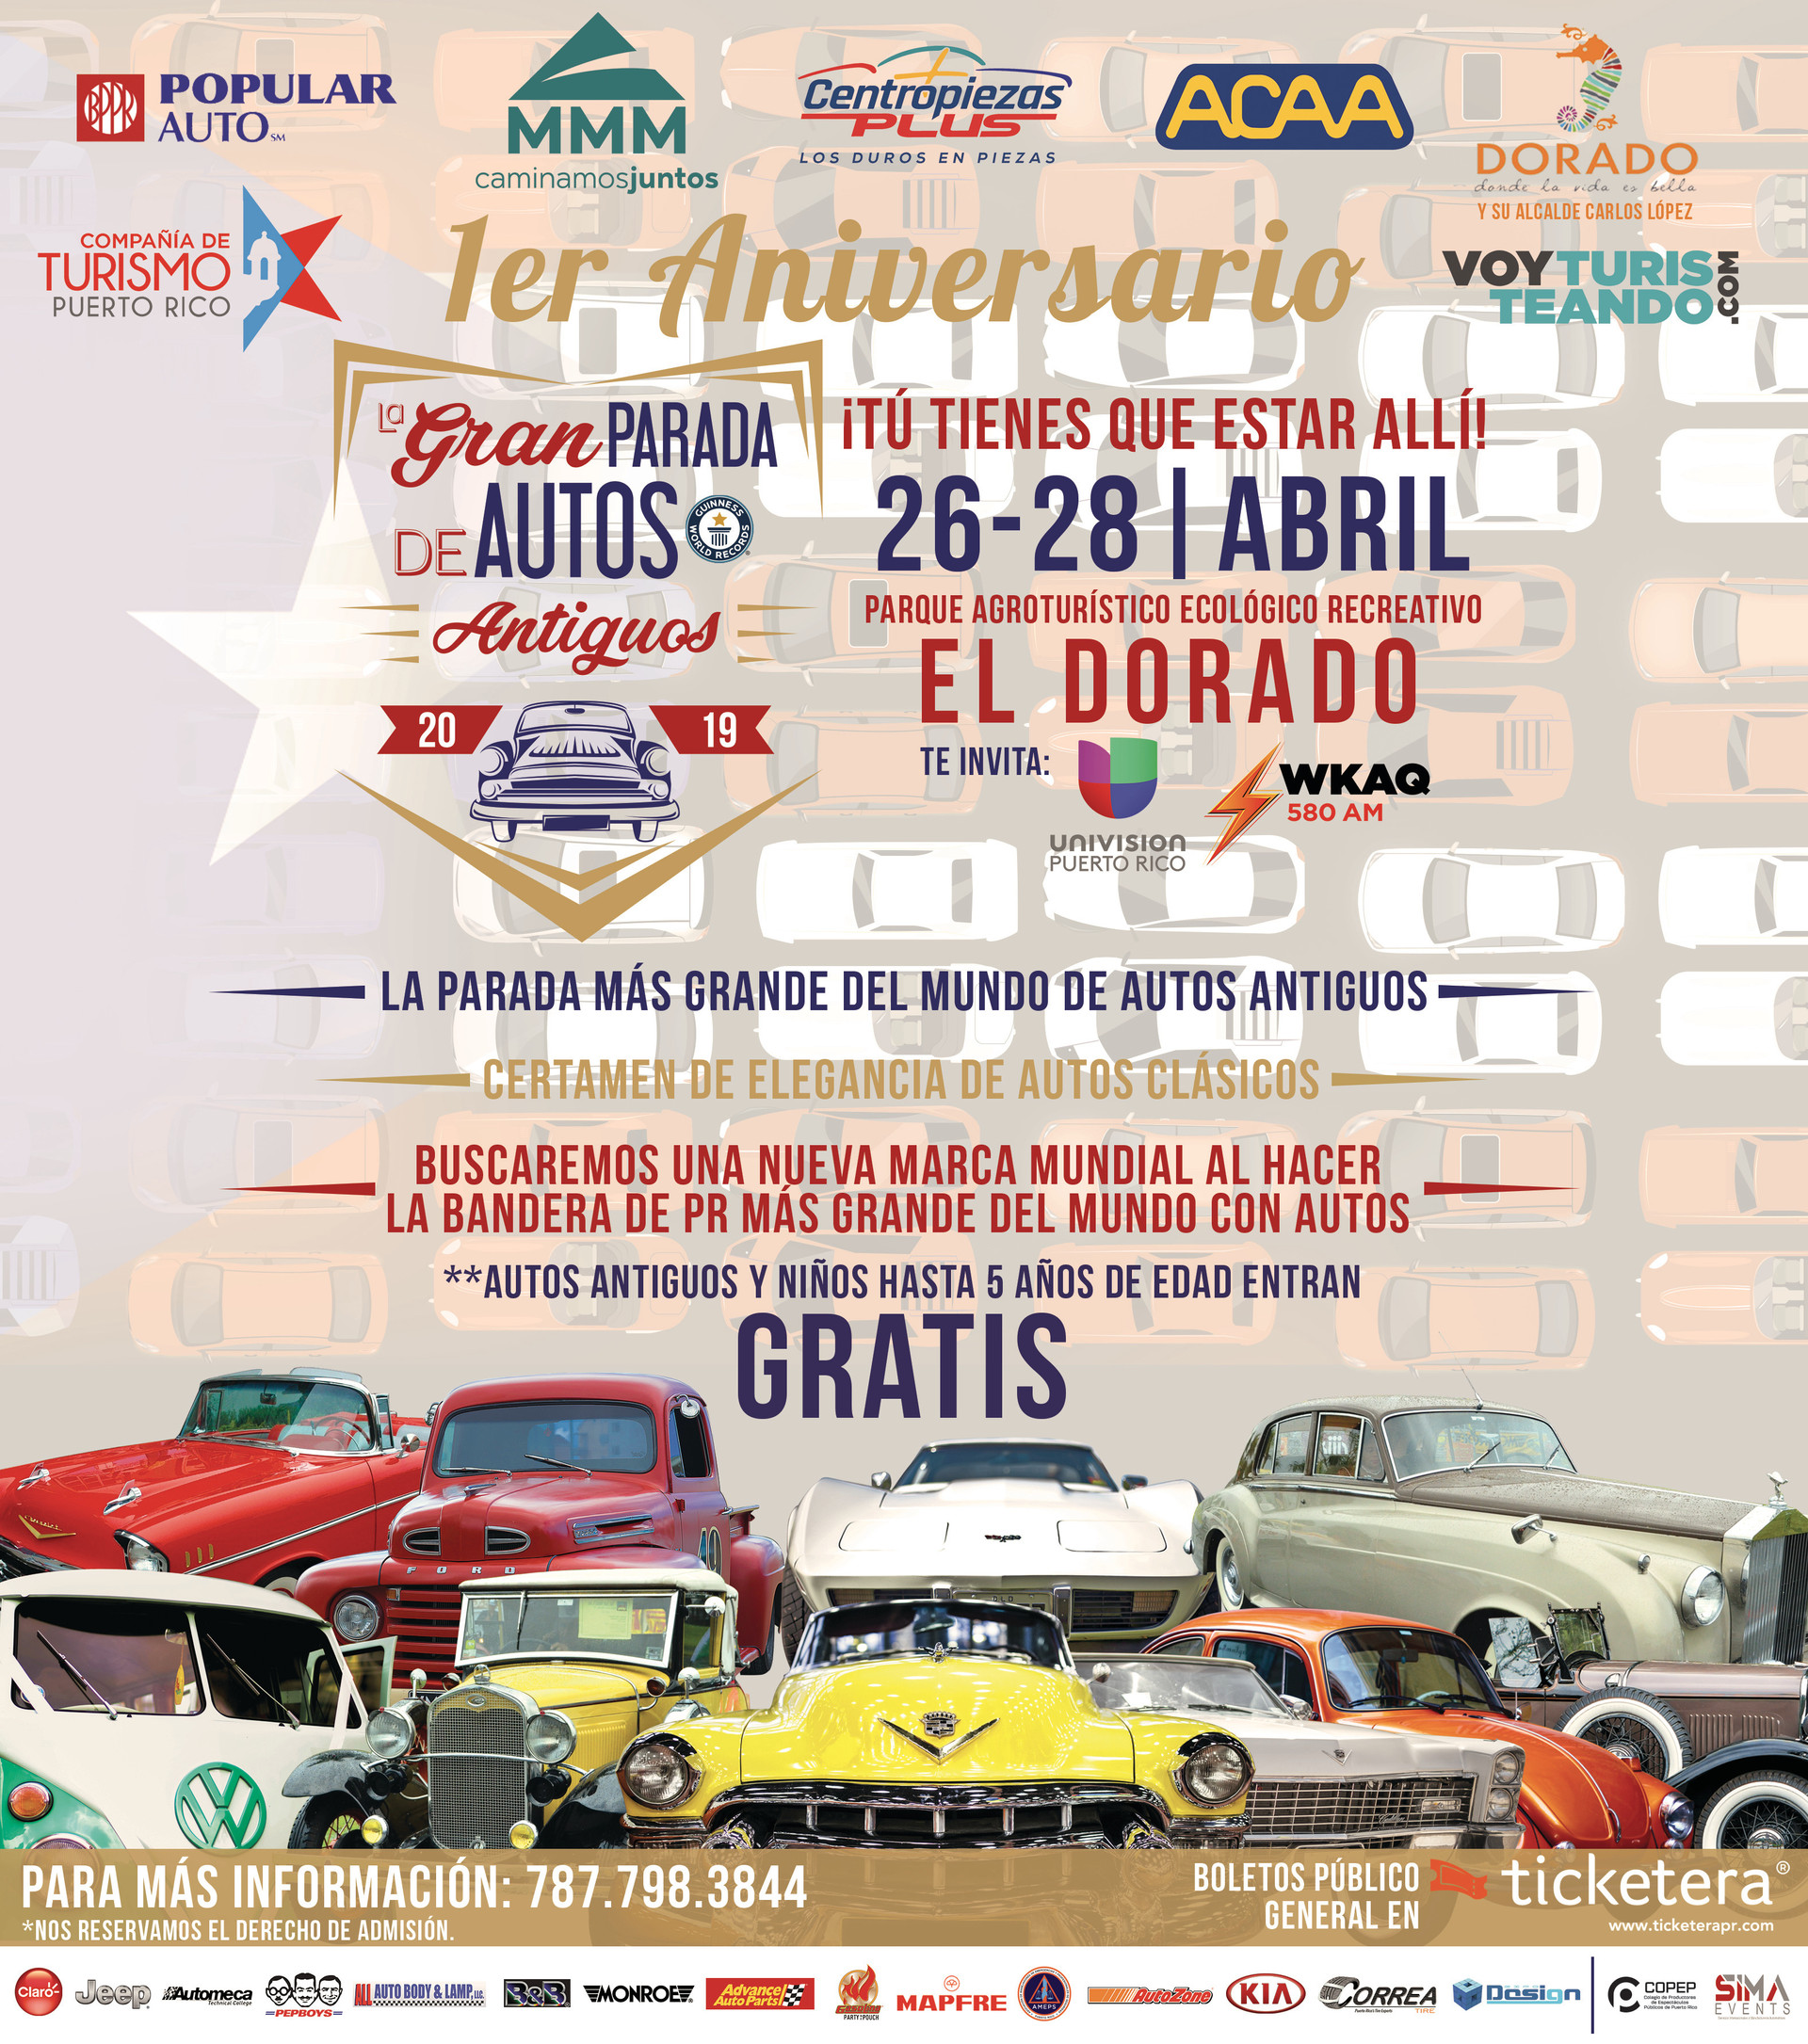 La Gran Parada de Autos Antiguos | Full Page